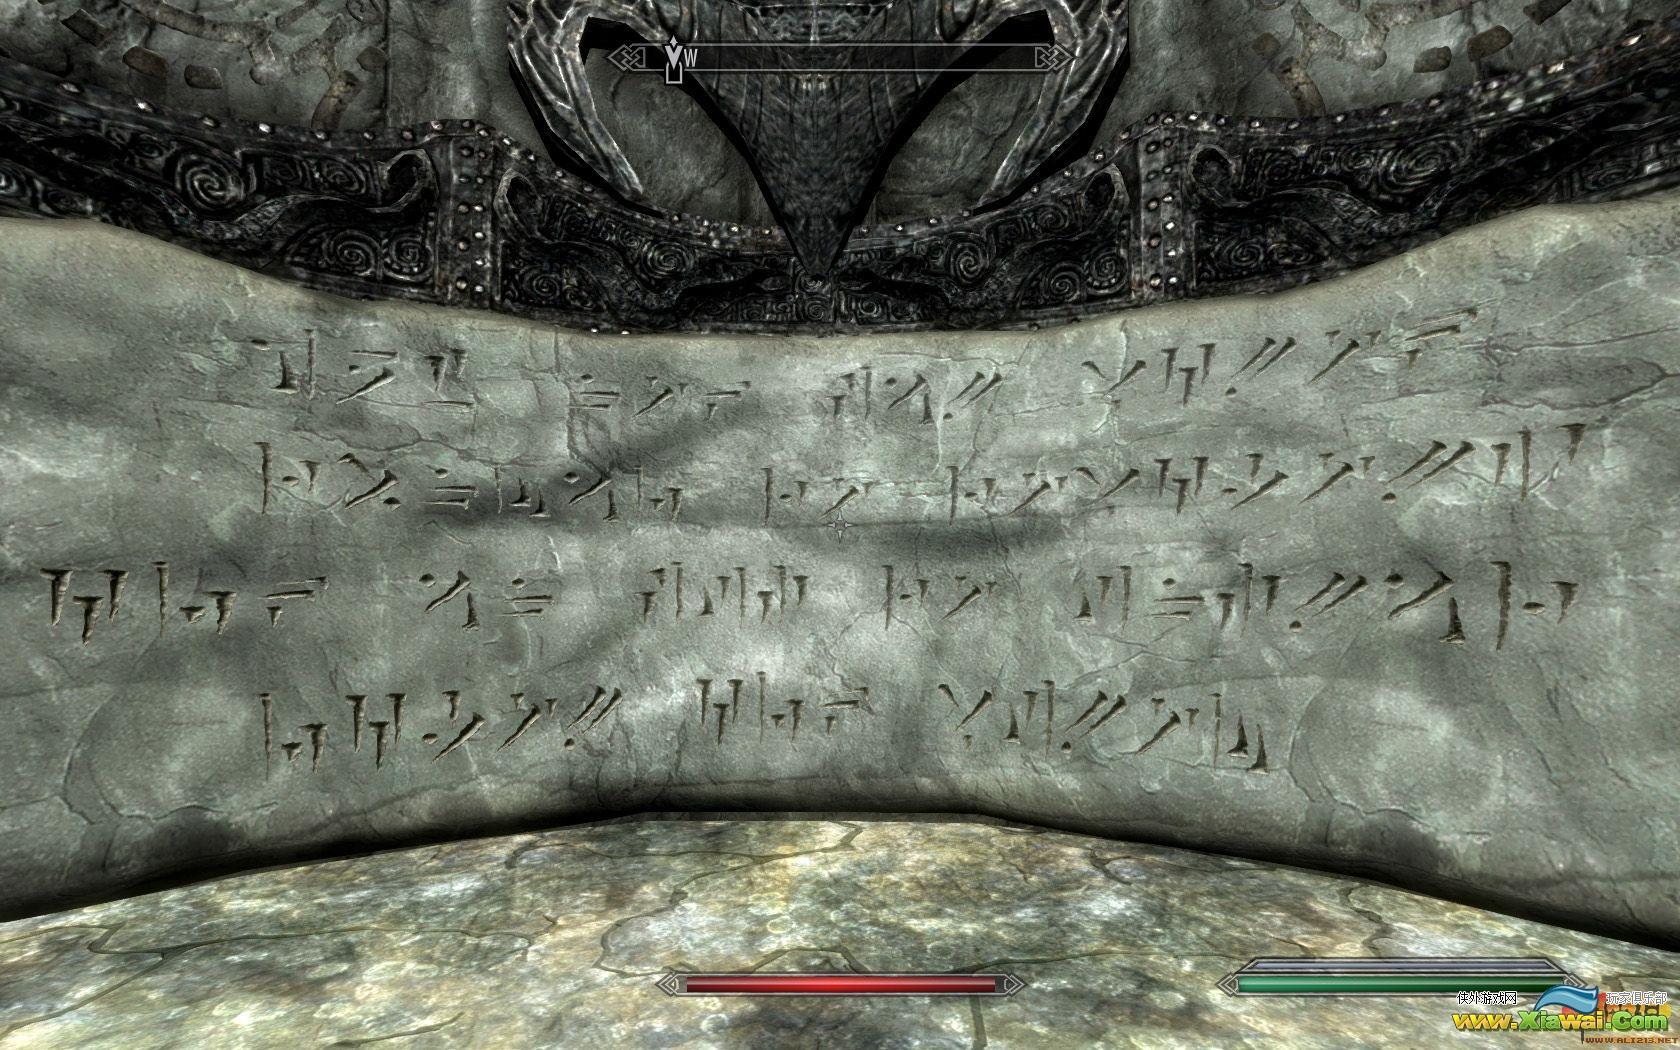 《上古卷轴5:天际》Bleak Falls Barrow龙文石碑碑文翻译